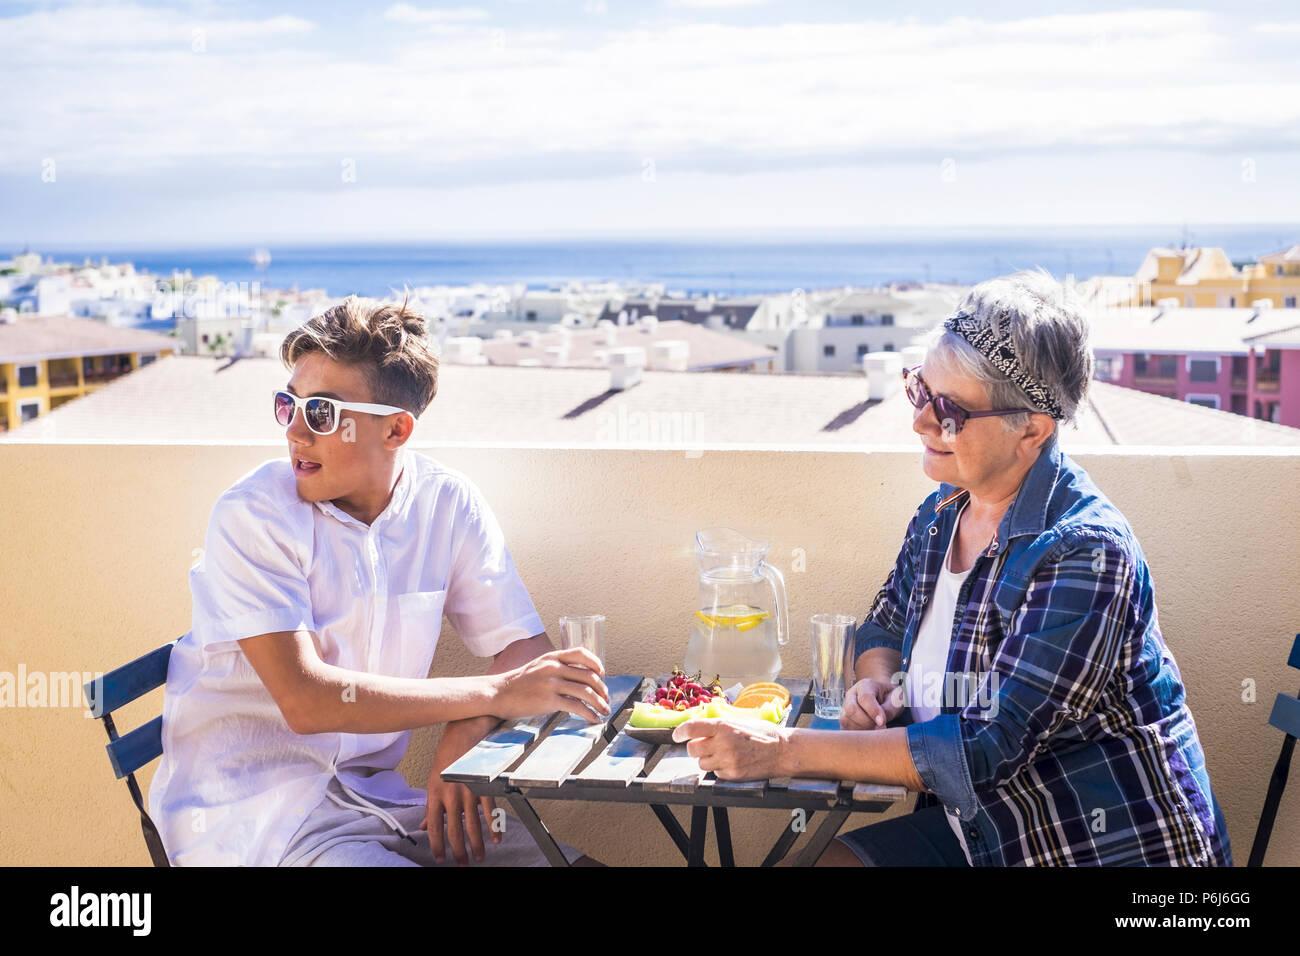 Coppie giovani e anziani donna e ragazzo Nonna e nipote per il concetto di famiglia stile di vita le attività per il tempo libero di mangiare qualcosa sulla terrazza sul tetto Immagini Stock